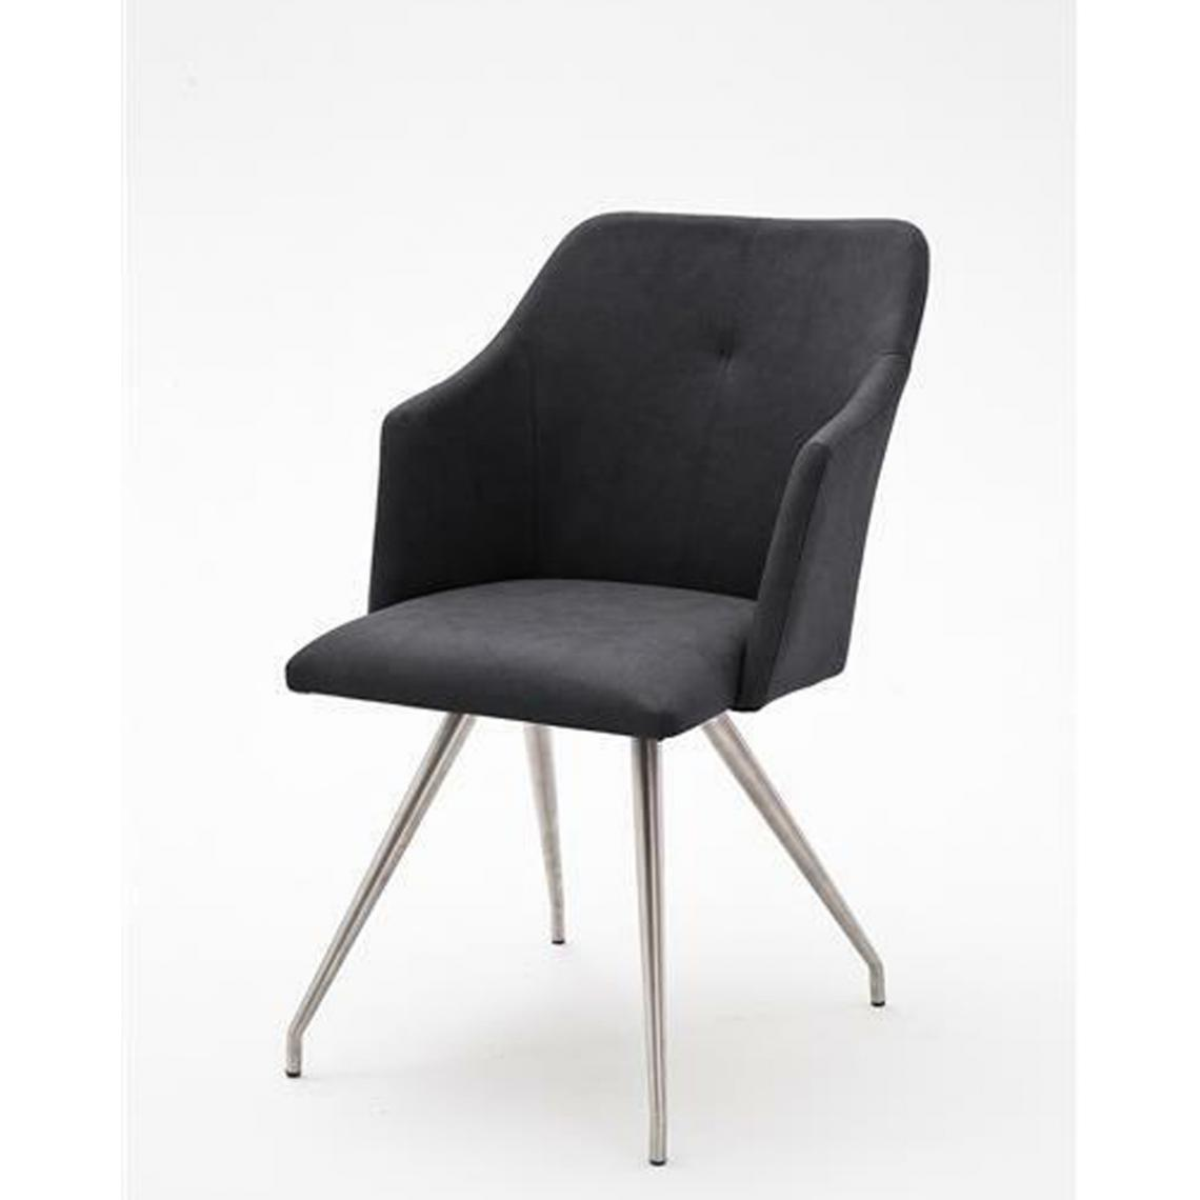 Pegane Lot de 2 chaises de salle à manger en acier et similicuir coloris anthracite - L.54 x H.88 x P.62 cm -PEGANE-